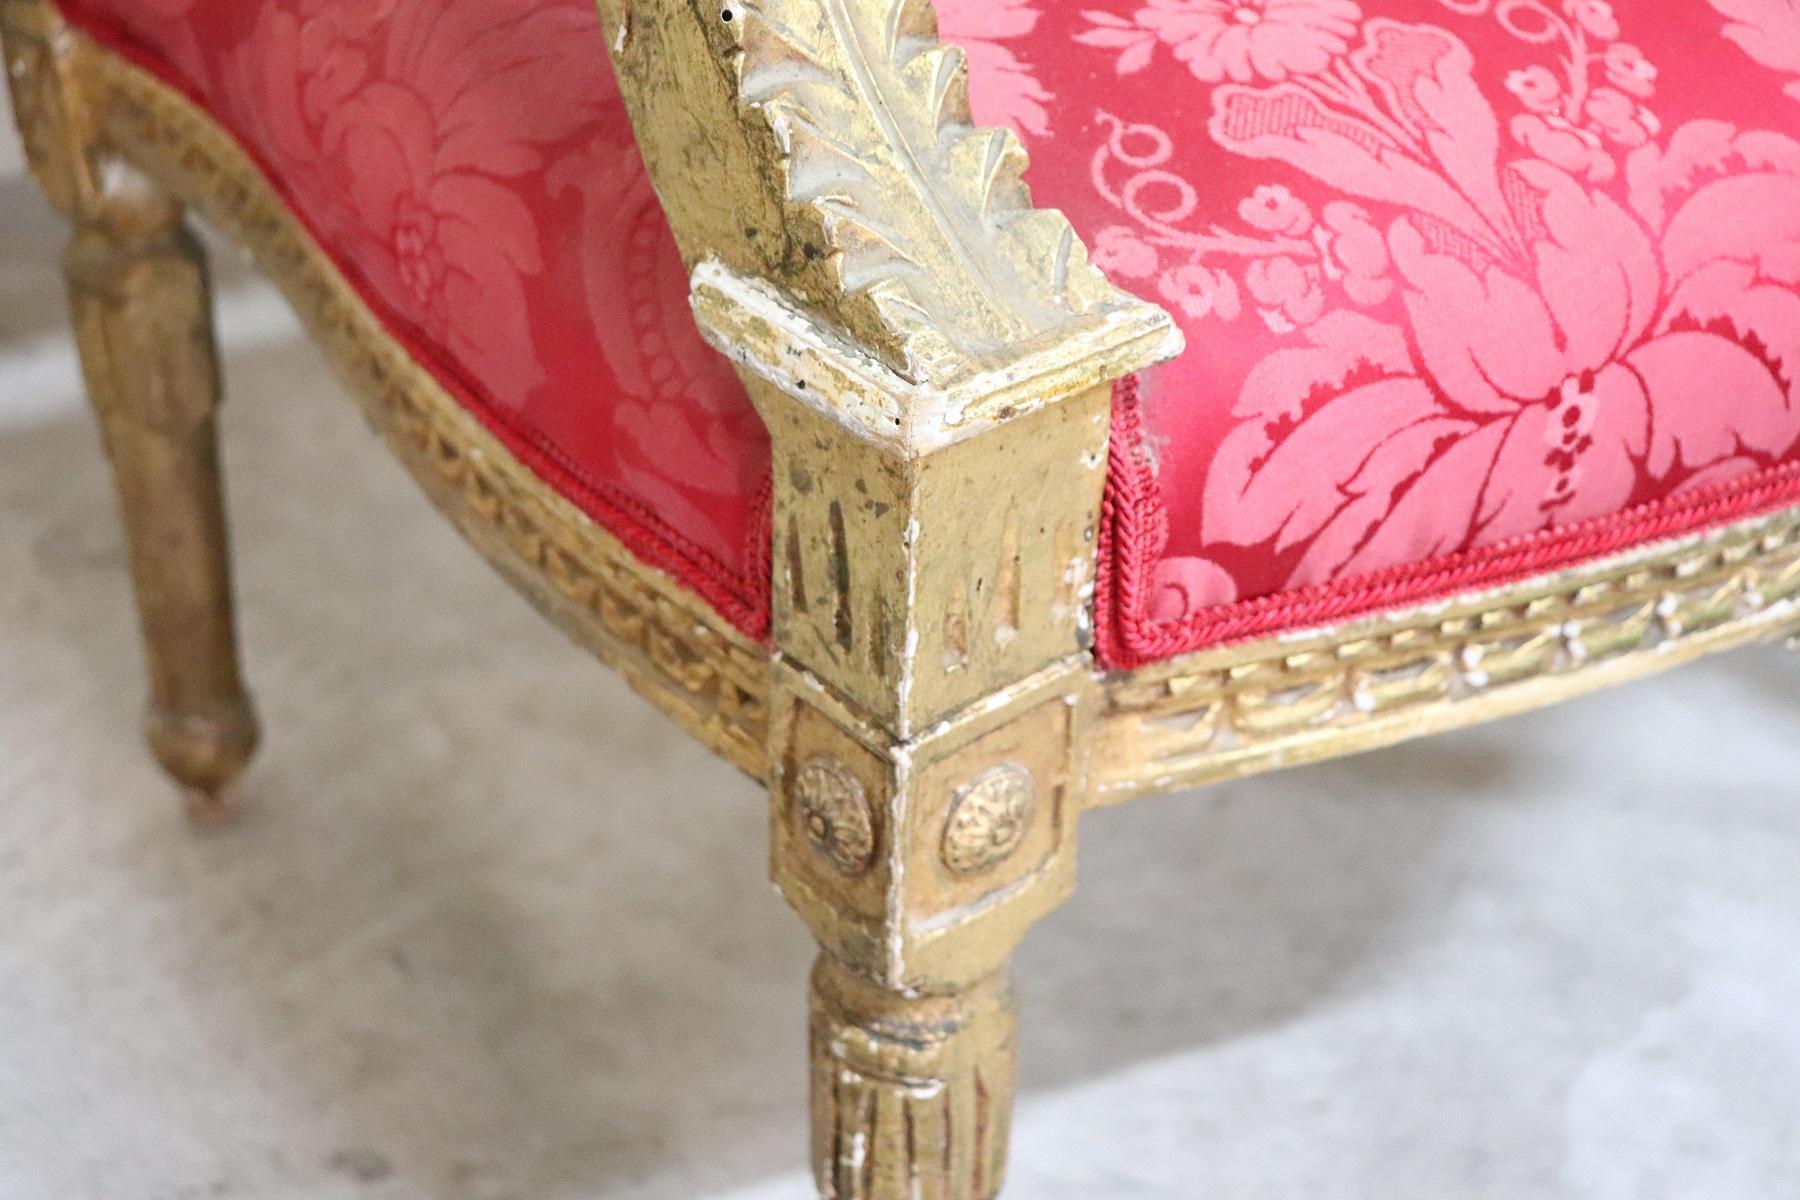 thumb4|Coppia di poltrone in stile antico Luigi XVI legno intagliato e dorato PREZZO TRATTABILE